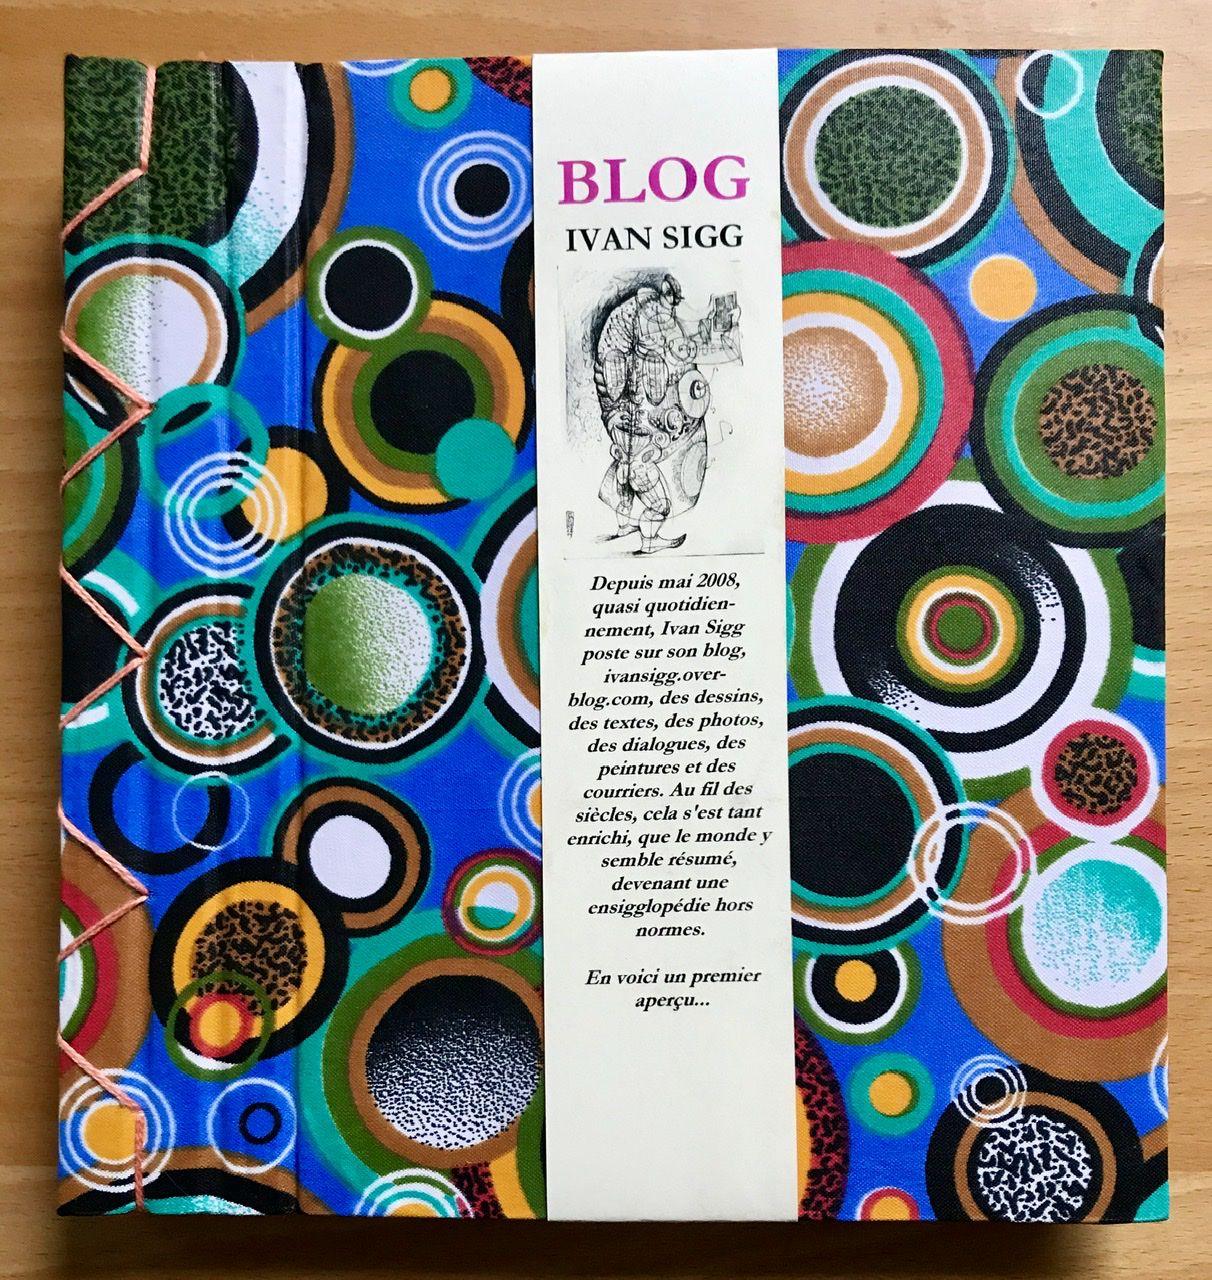 Tome 1 de l'EnSIGGlopédie des deux premières années de ce blog. En vente chez Carnetslivres.